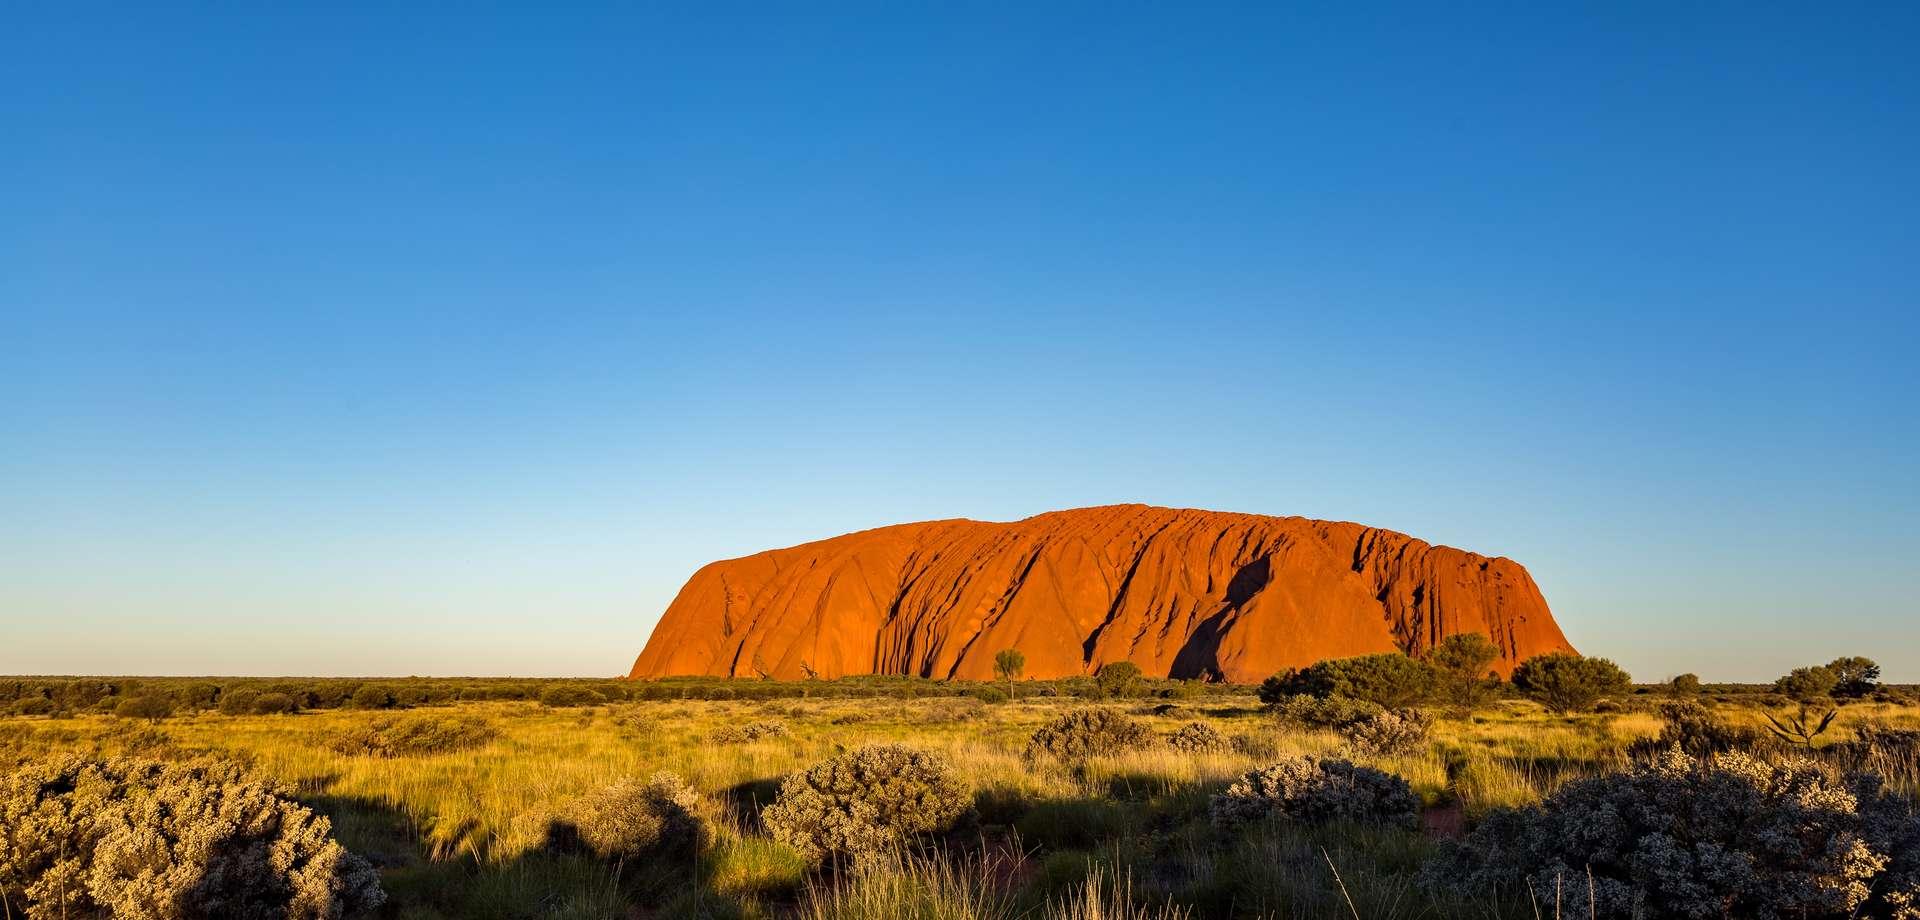 Plus de 395.000 personnes ont visité le Parc national Uluru-Kata dans les douze mois précédant juin 2019. © ronnybas, Adobe Stock